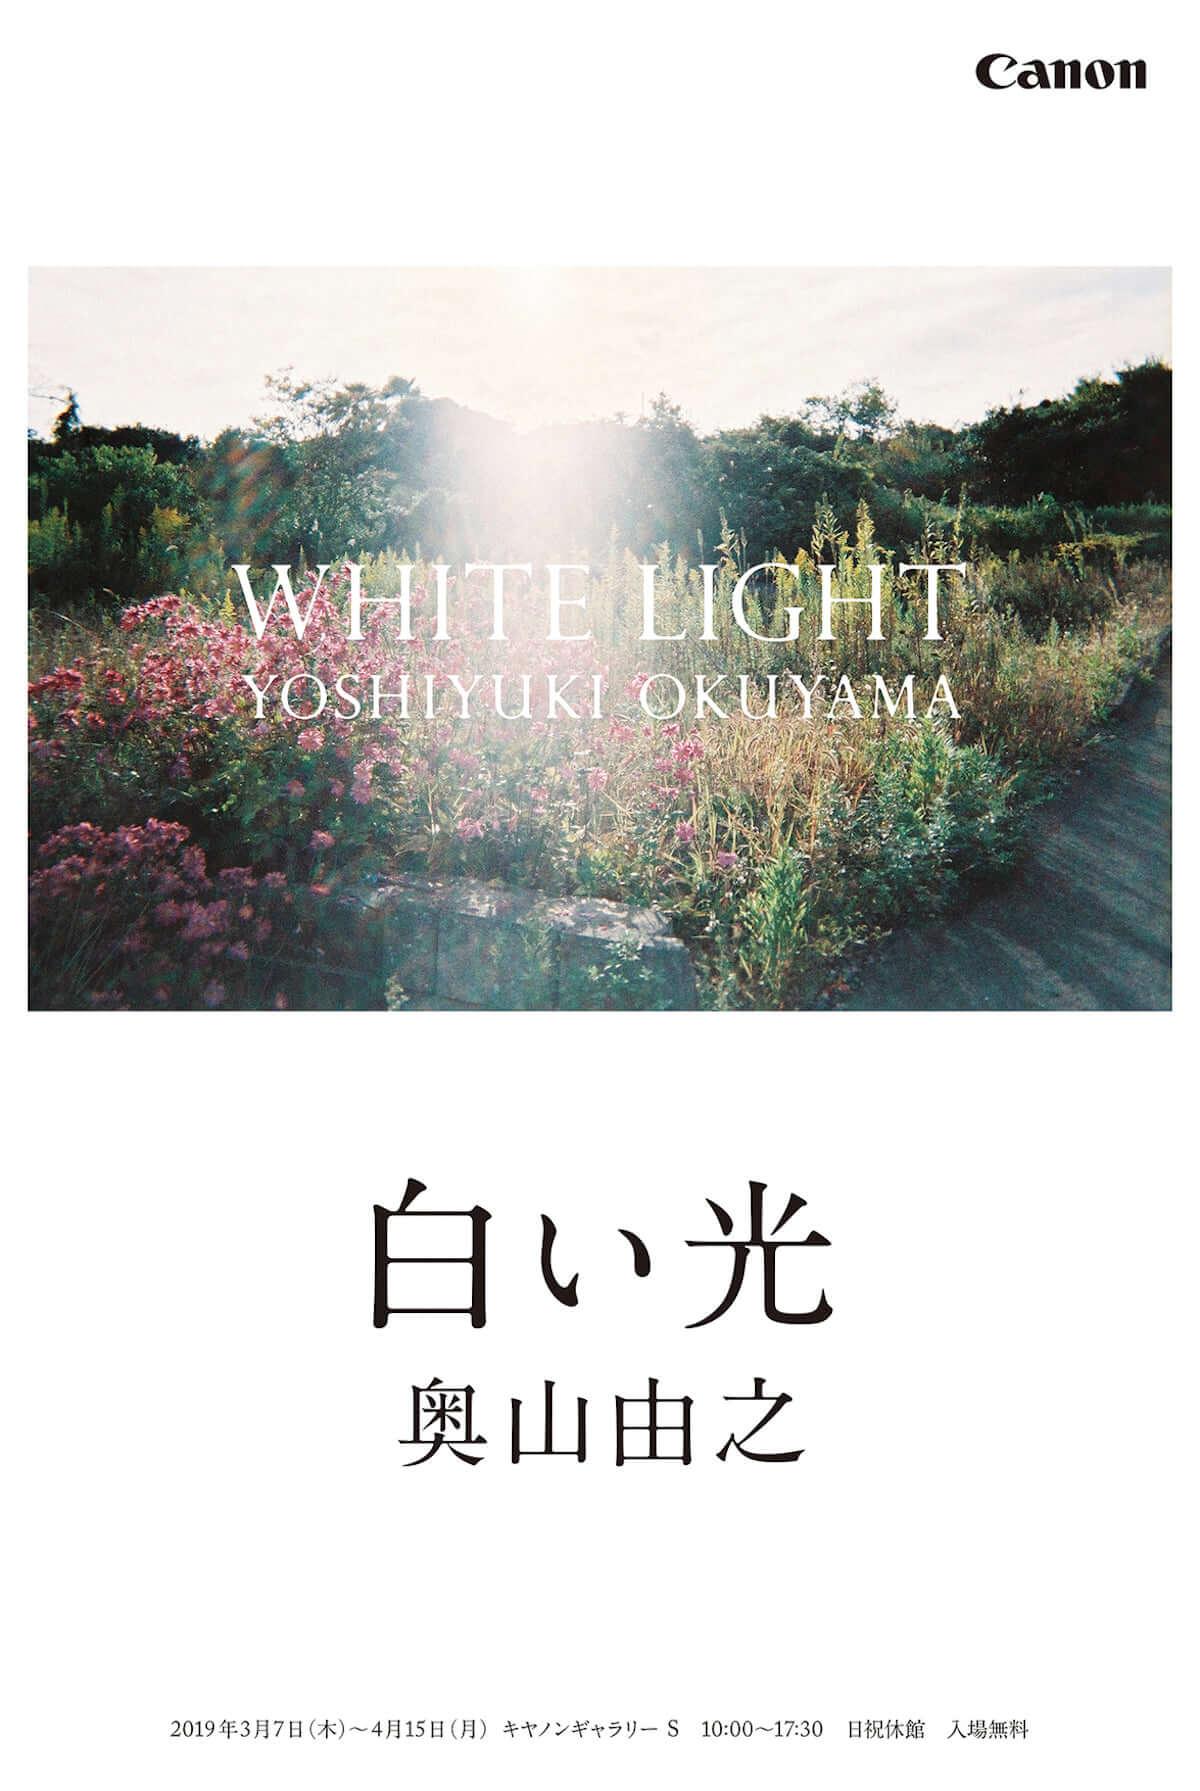 奥山由之が個展「白い光」を3月より開催|作品は全てキャノンの大判プリンター「imagePROGRAF」で印刷 y-okuyama-1200x1791